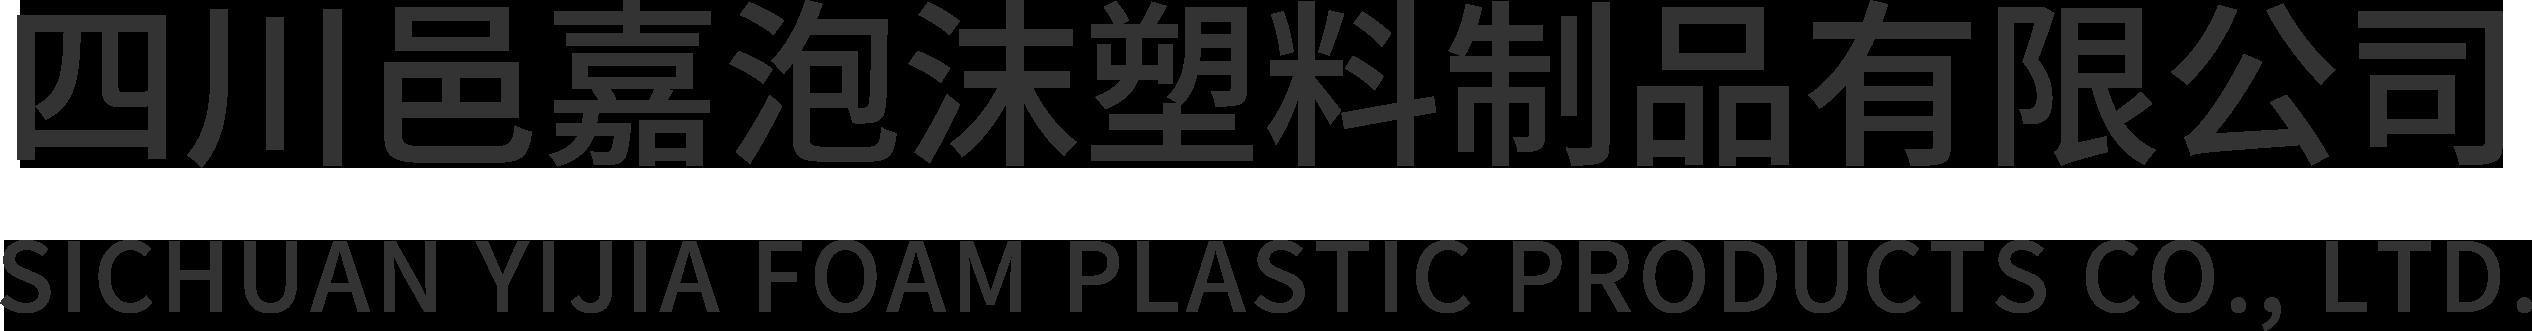 四川邑嘉泡沫塑料制品有限公司